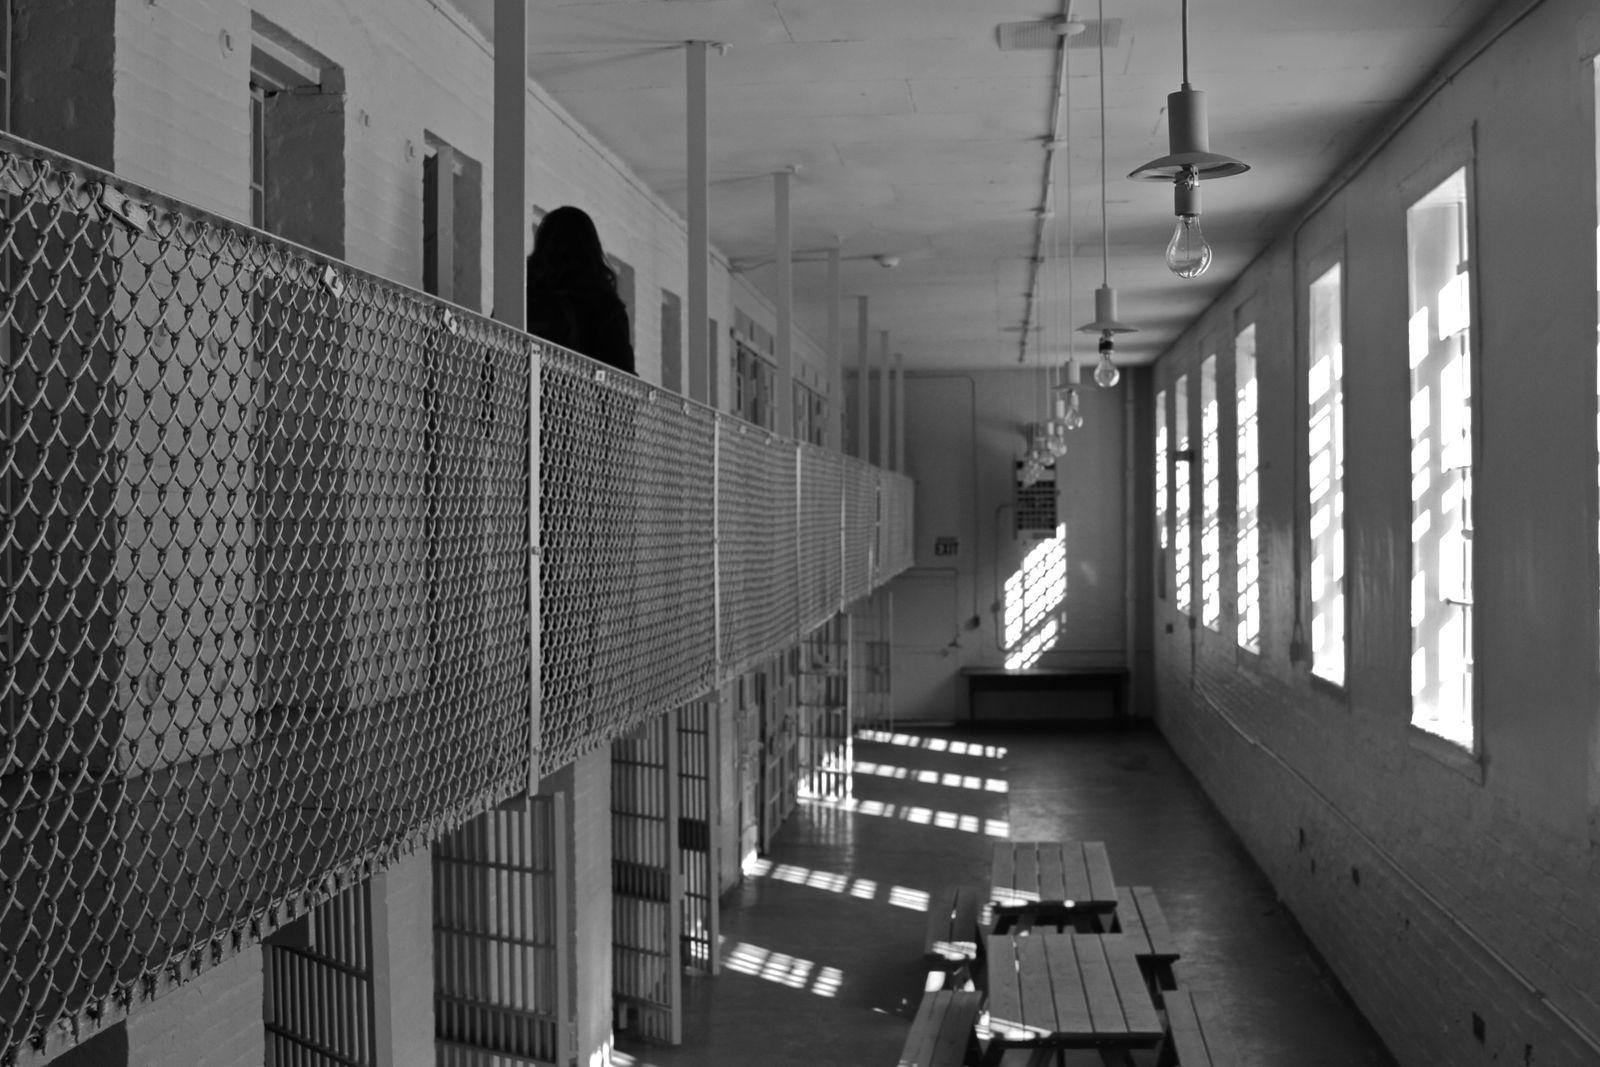 Réforme de la sanction pénale : Christiane Taubira de plus en plus convaincante